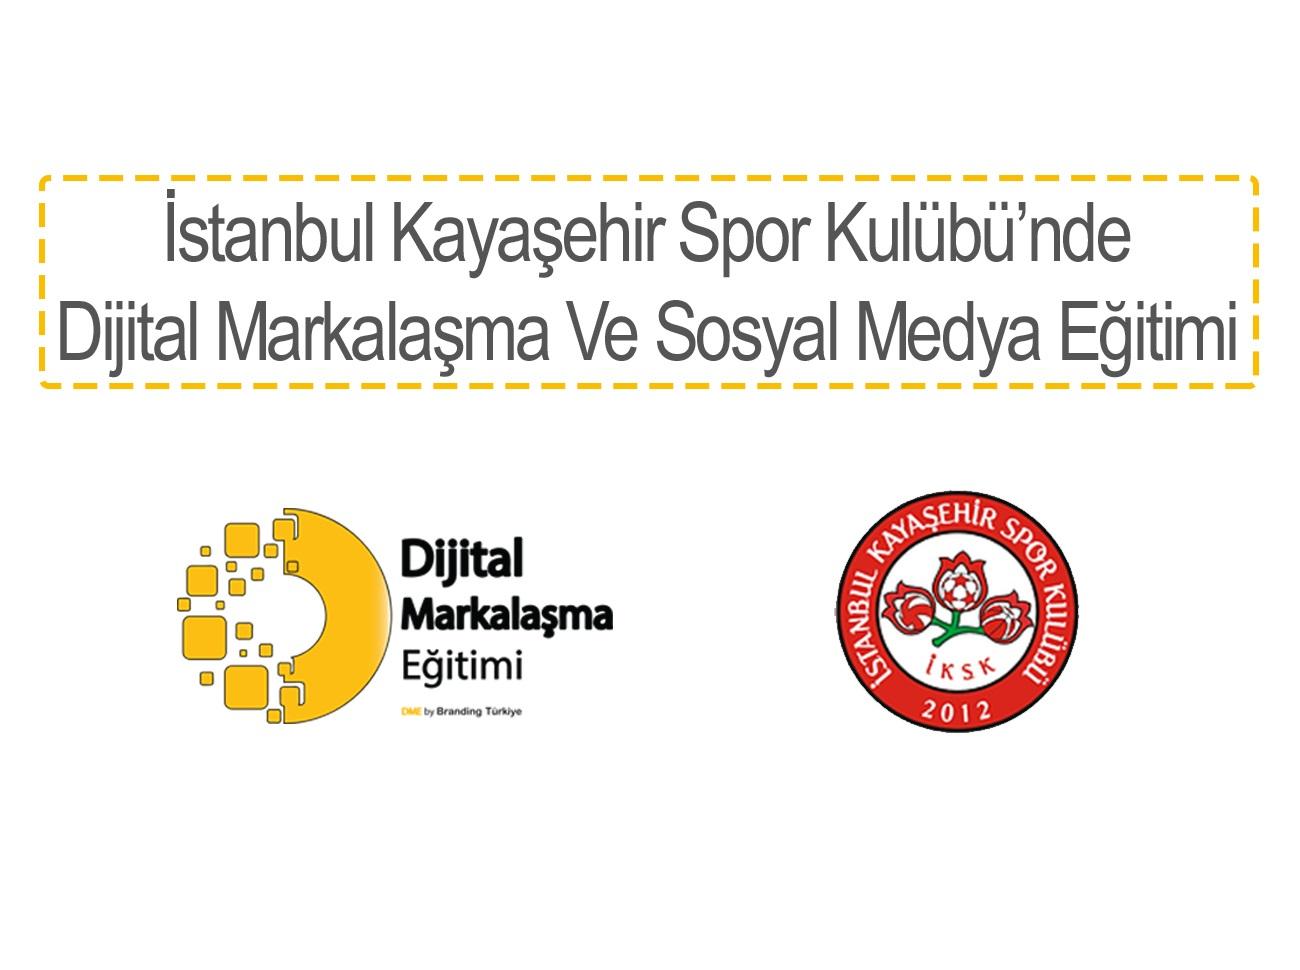 İstanbul Kayaşehir Spor Kulübü Dijital Markalaşma Eğitimi Aldı